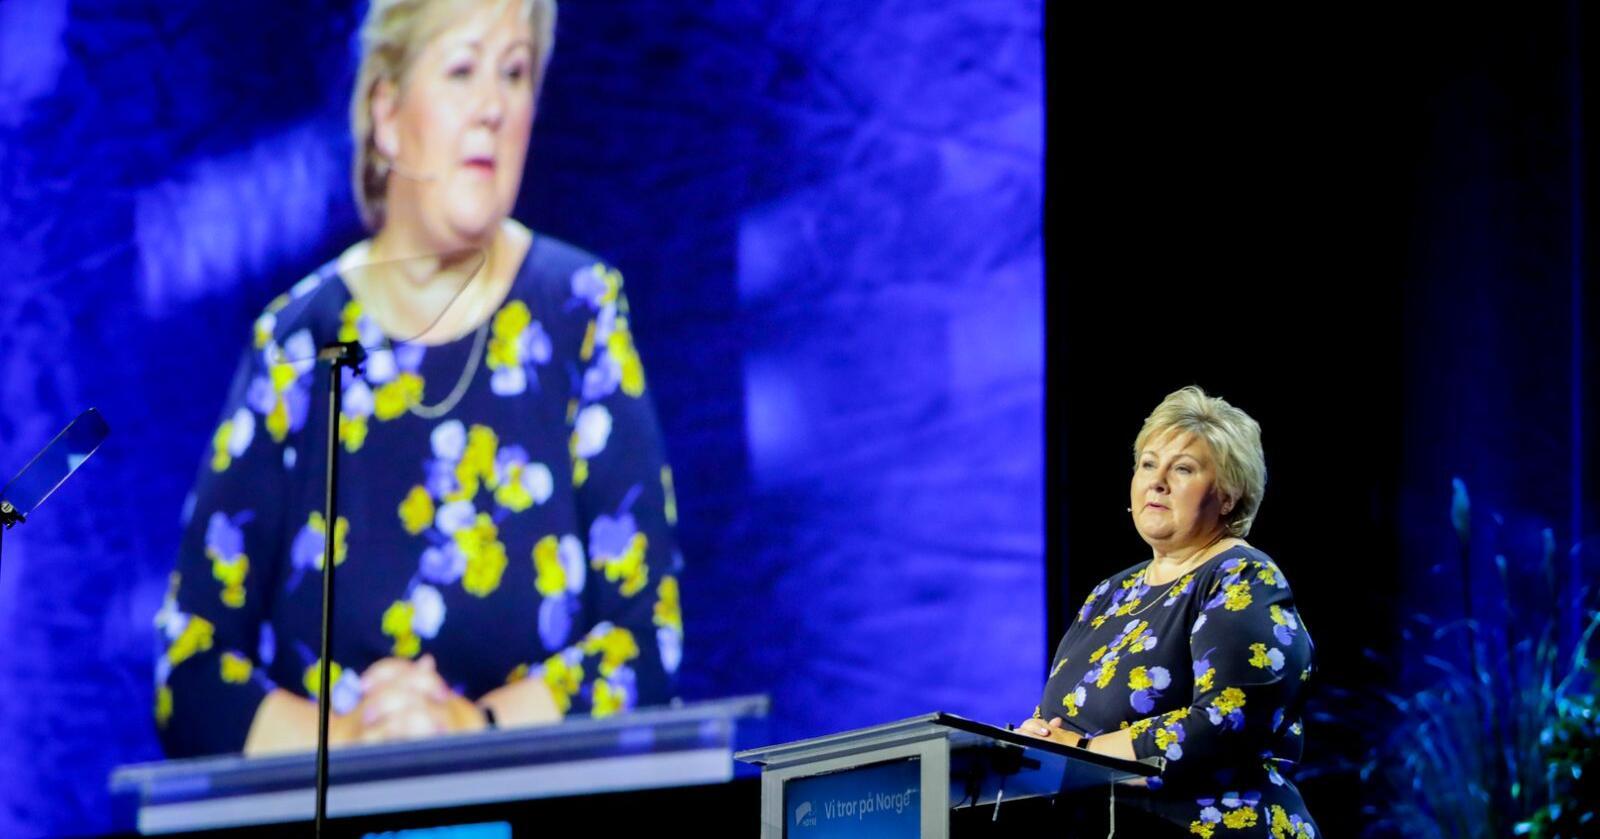 Statsminister Erna Solberg på talerstolen under Høyres landsmøte på Gardermoen. Foto: Vidar Ruud / NTB scanpix